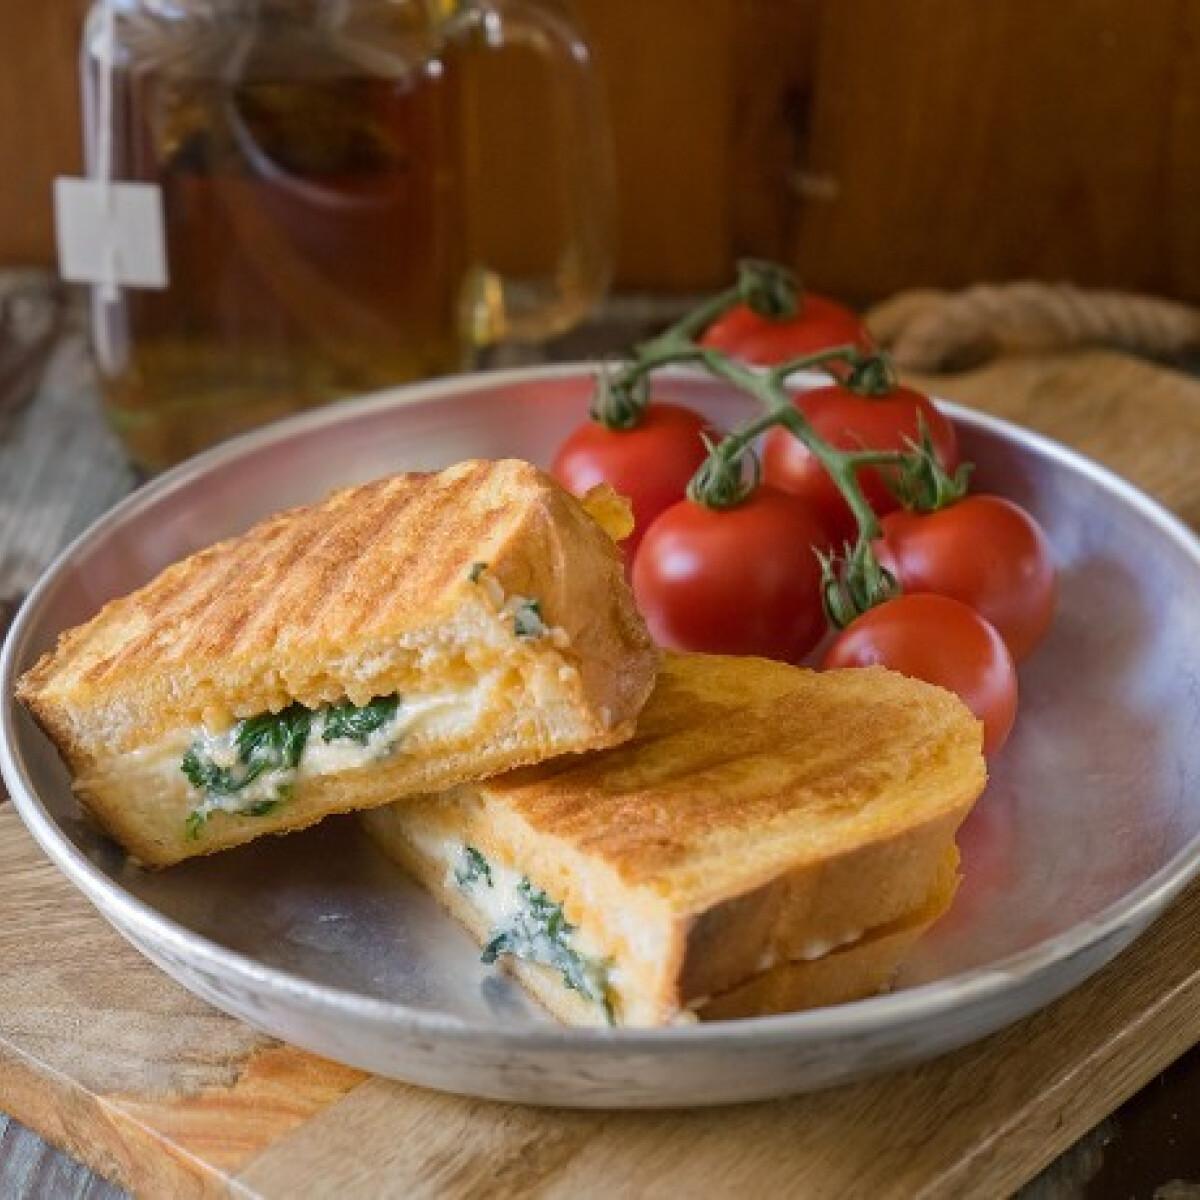 Ezen a képen: Spenótos bundás kenyér